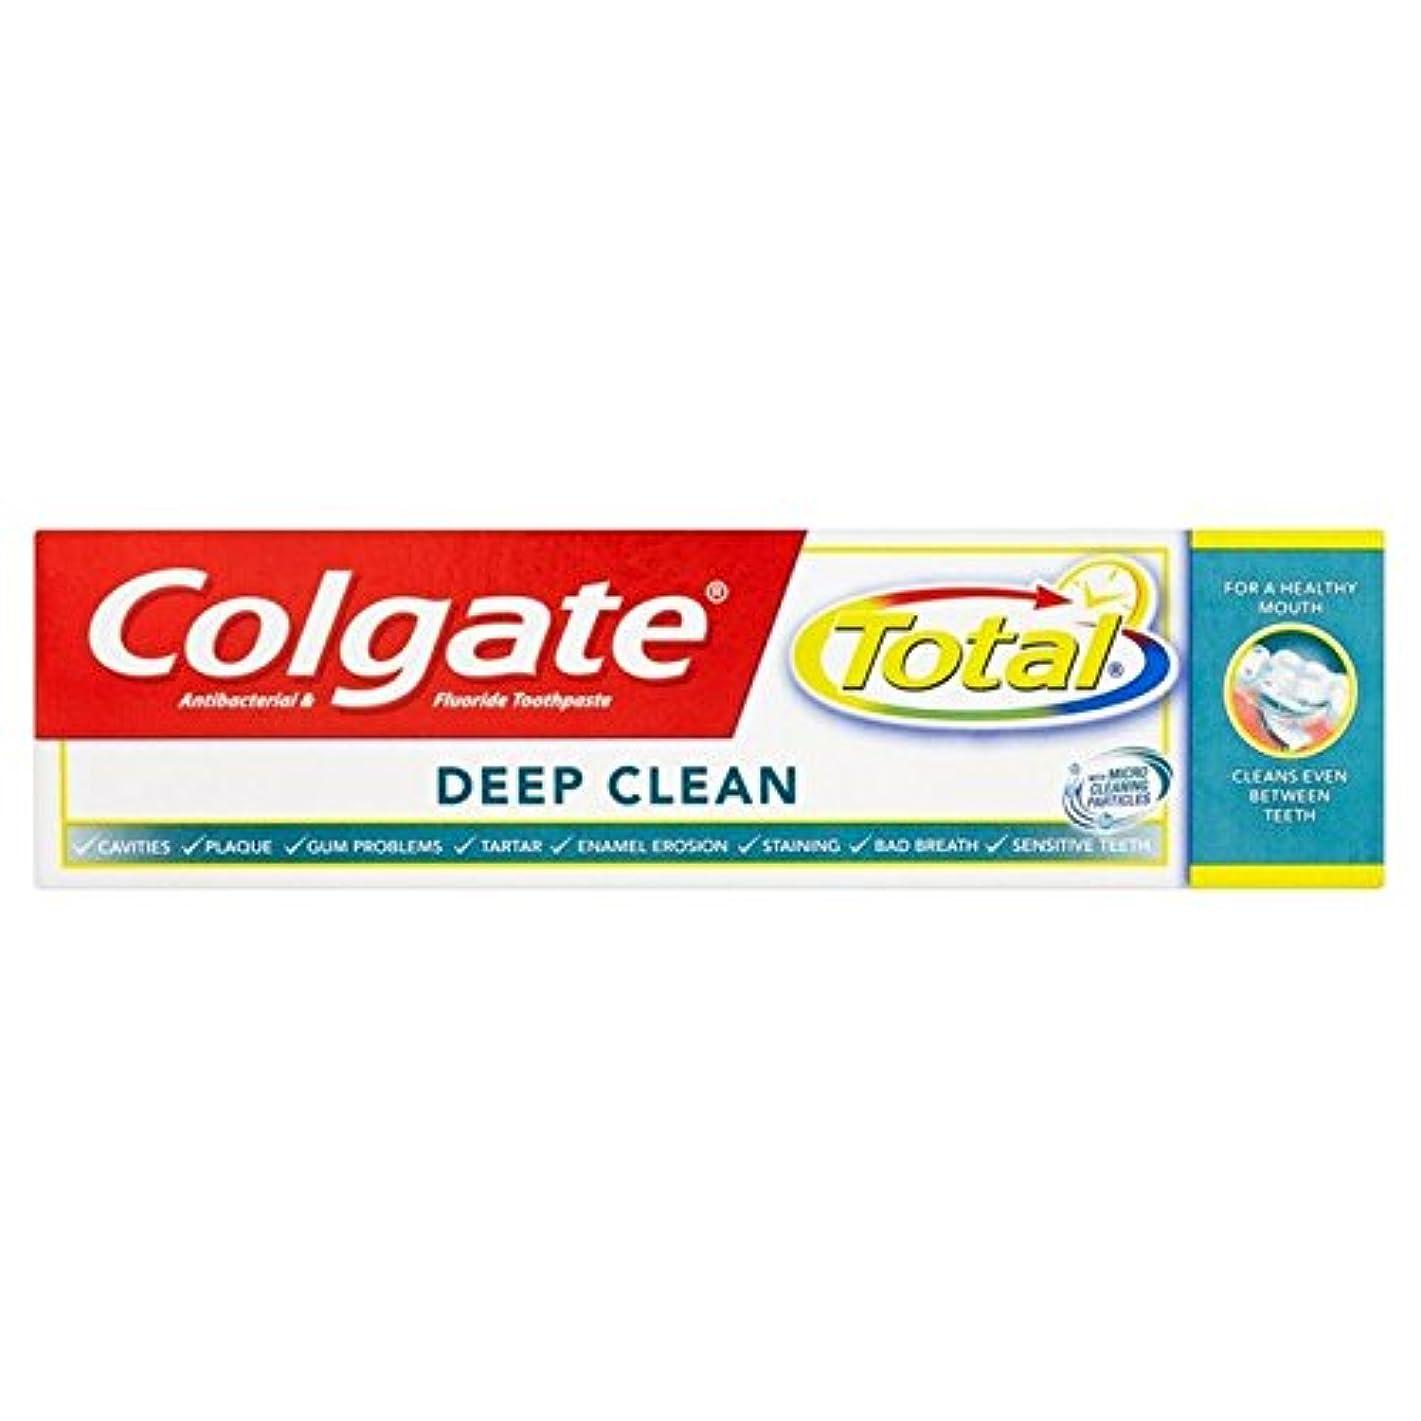 演劇グラフ想定コルゲートトータル深いクリーン歯磨き粉75ミリリットル x4 - Colgate Total Deep Clean Toothpaste 75ml (Pack of 4) [並行輸入品]